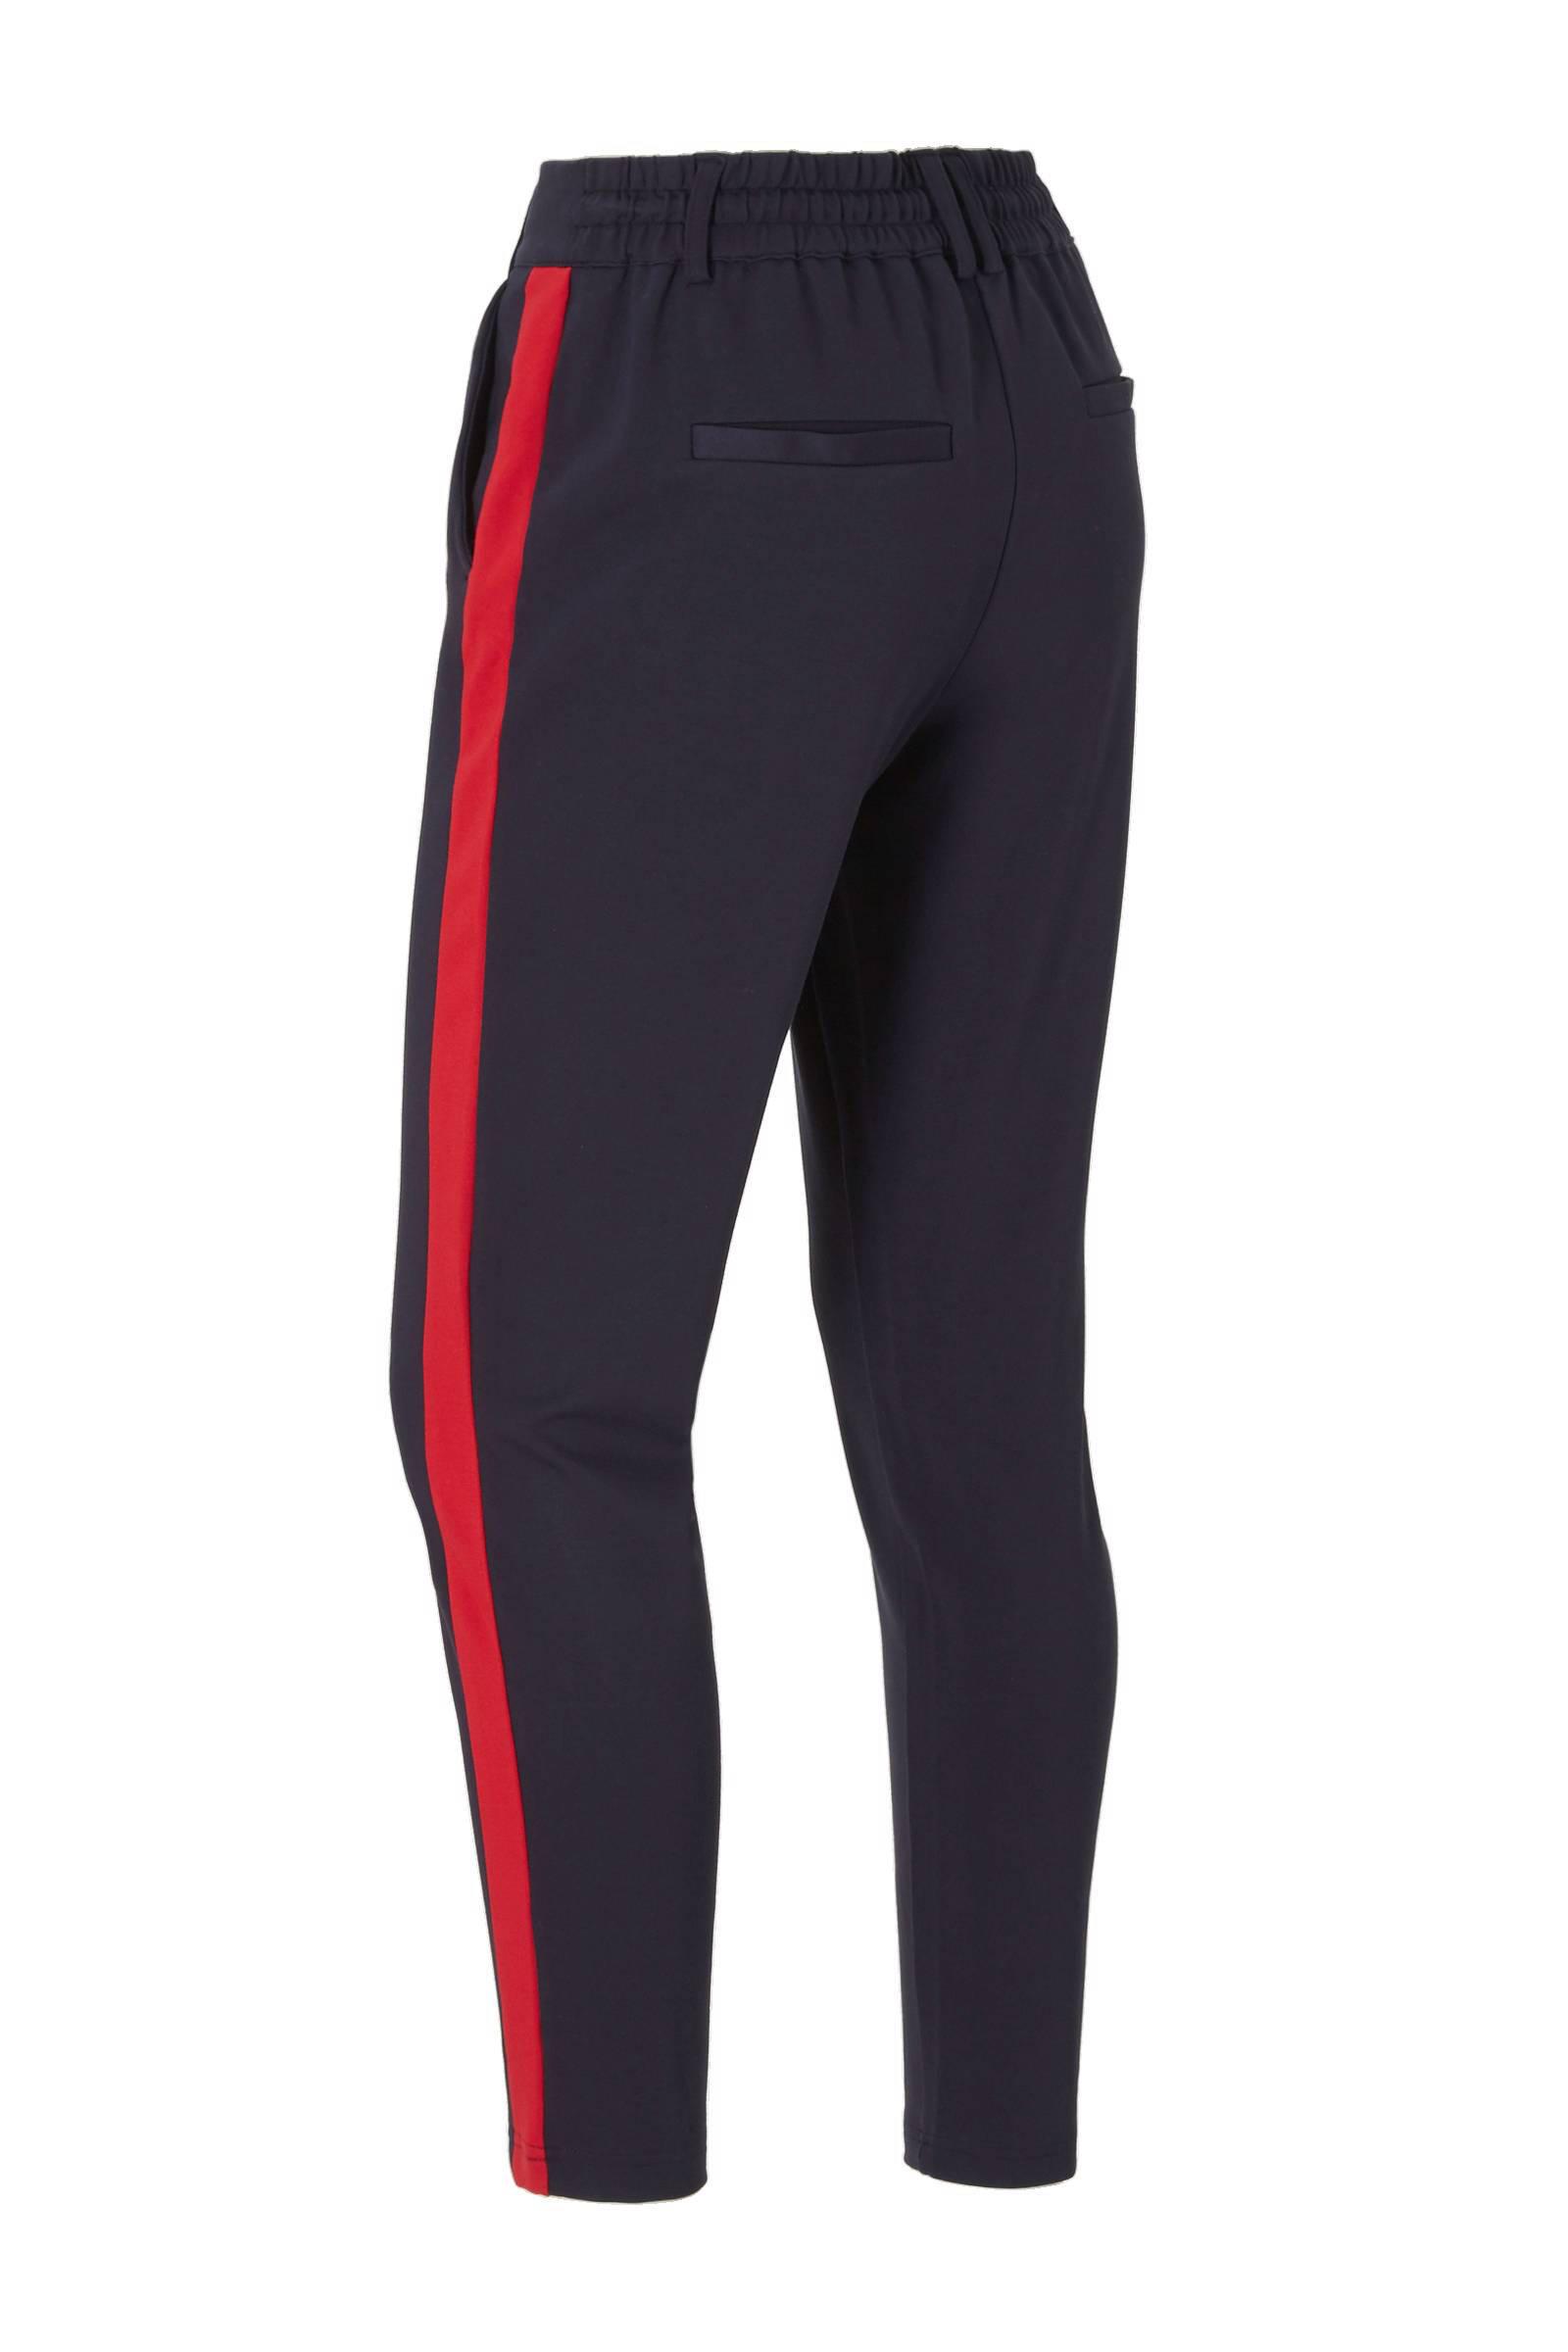 Rode Joggingbroek Dames.Only Sweatpants Wehkamp